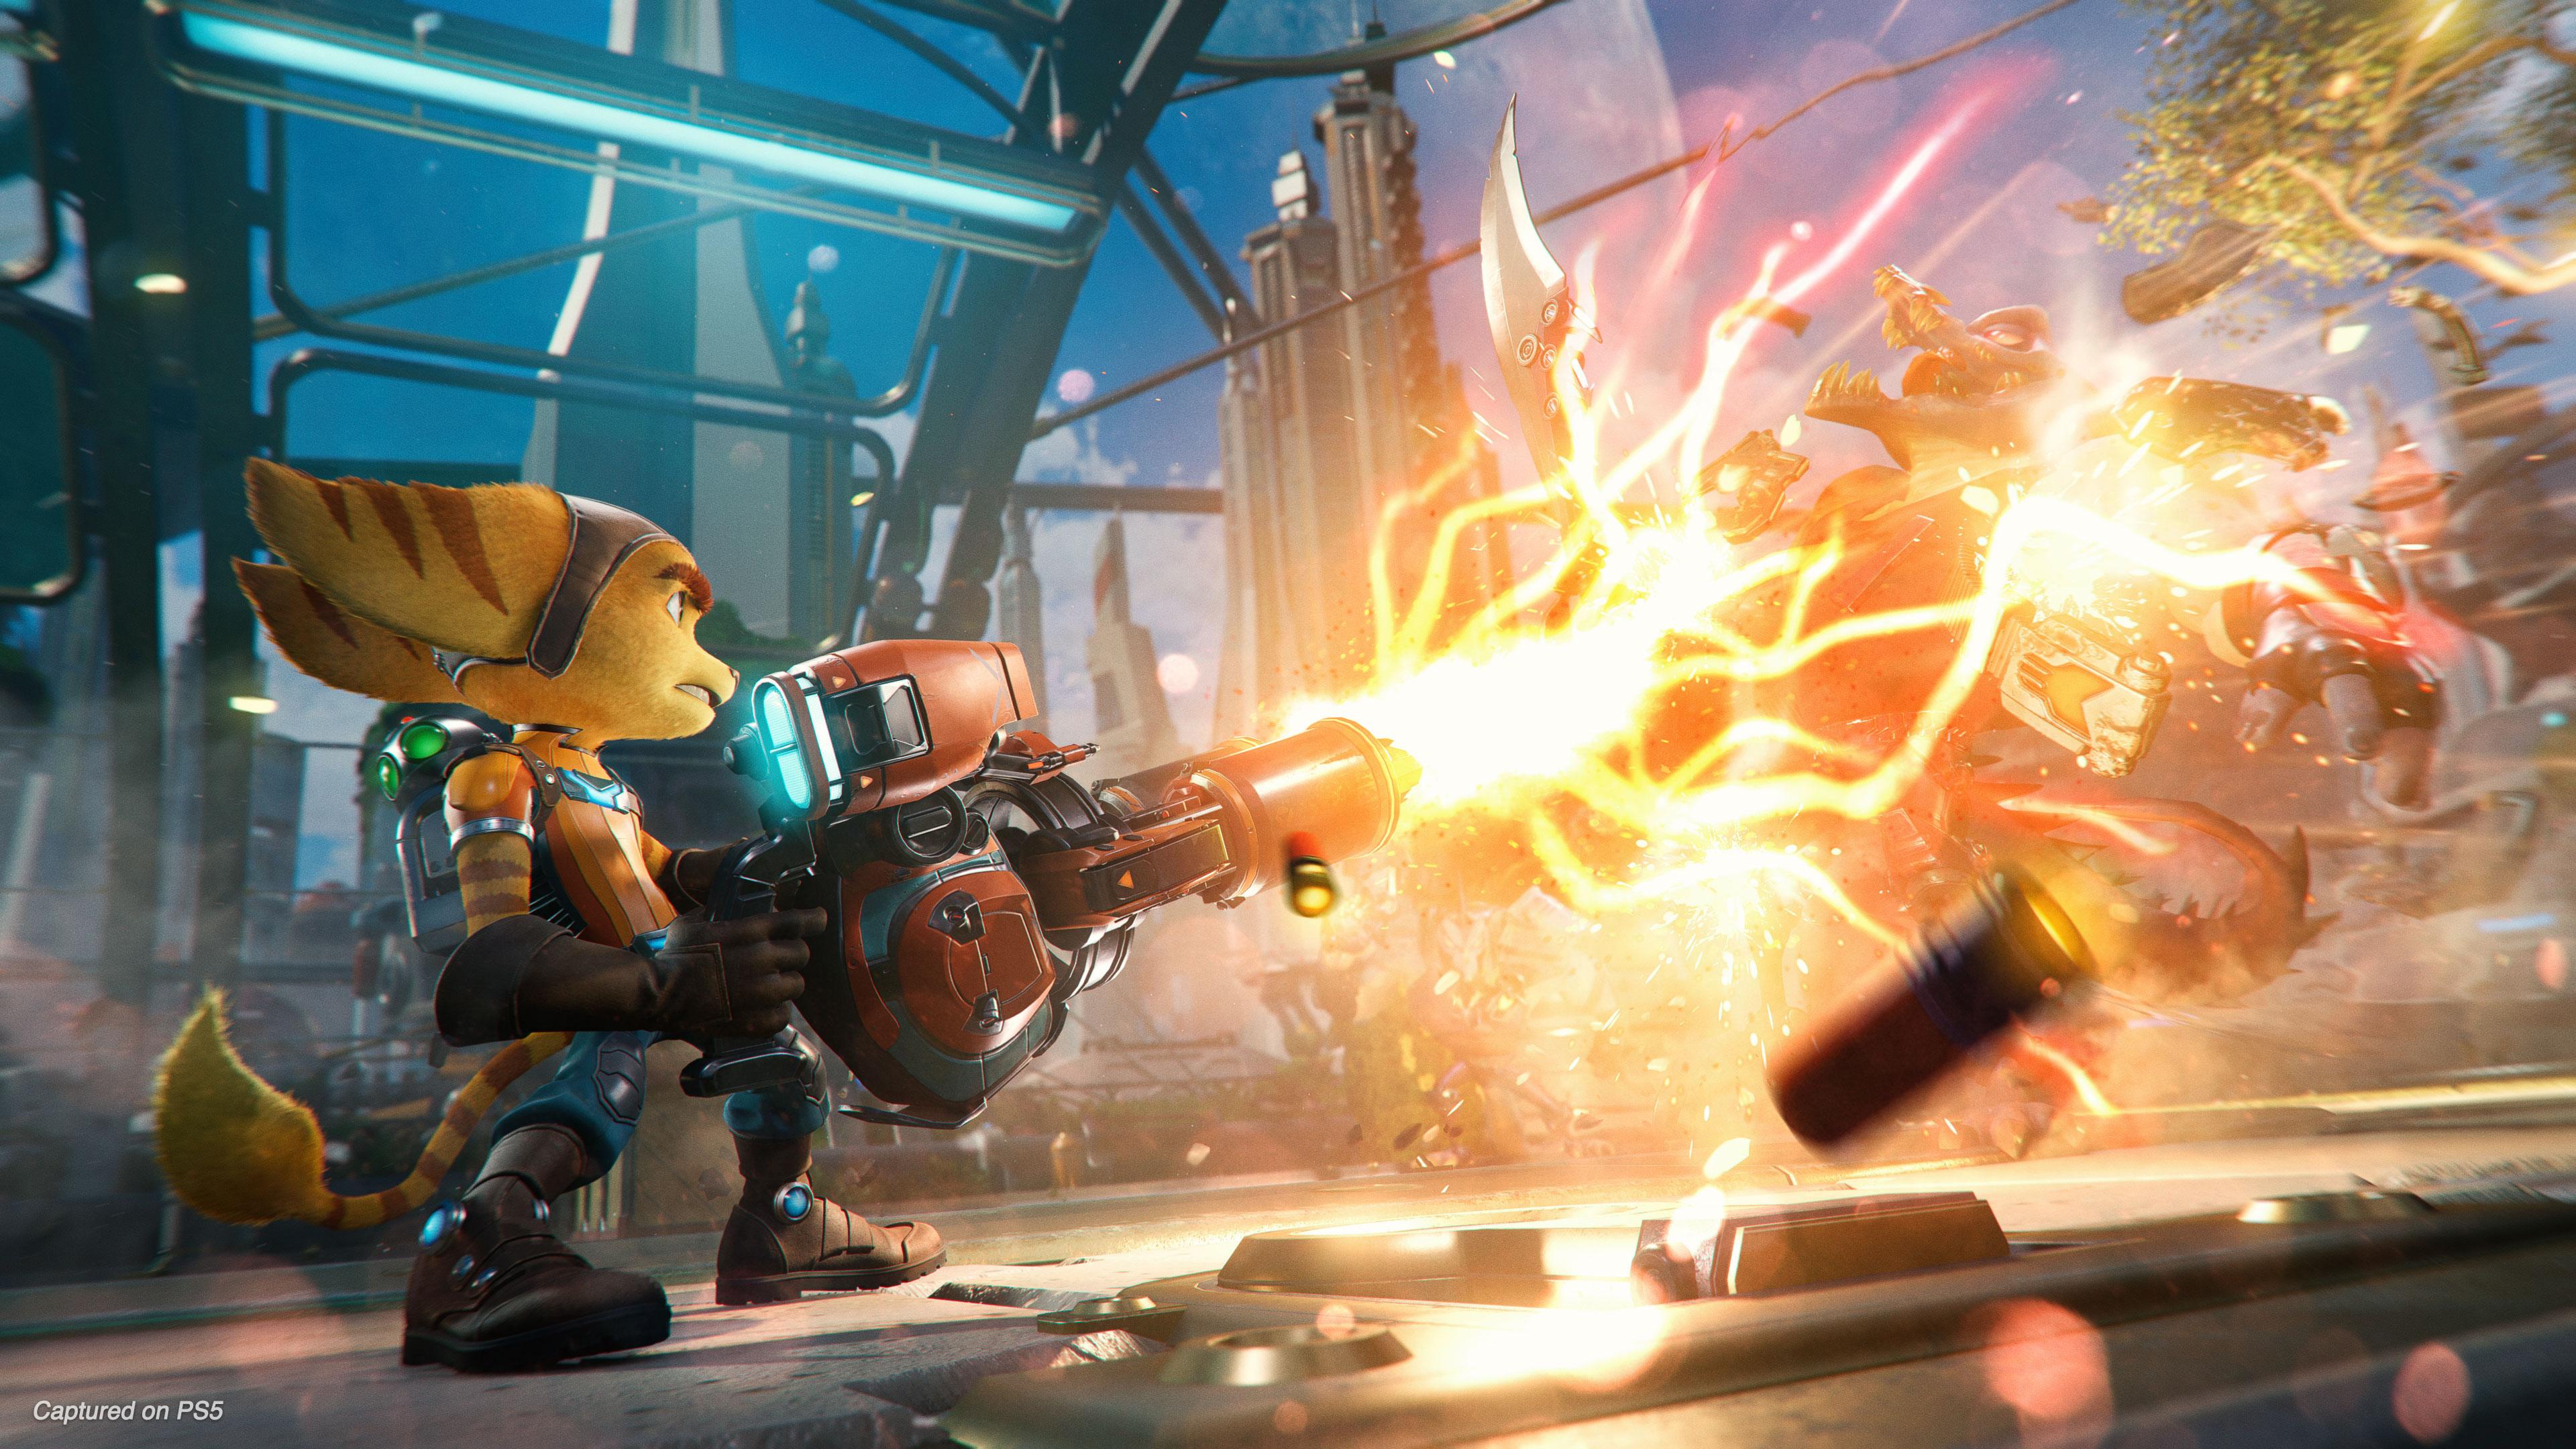 Insomniac dévoile Ratchet & Clank Rift Apart pour le lancement de la PS5 -  Actu - Gamekult